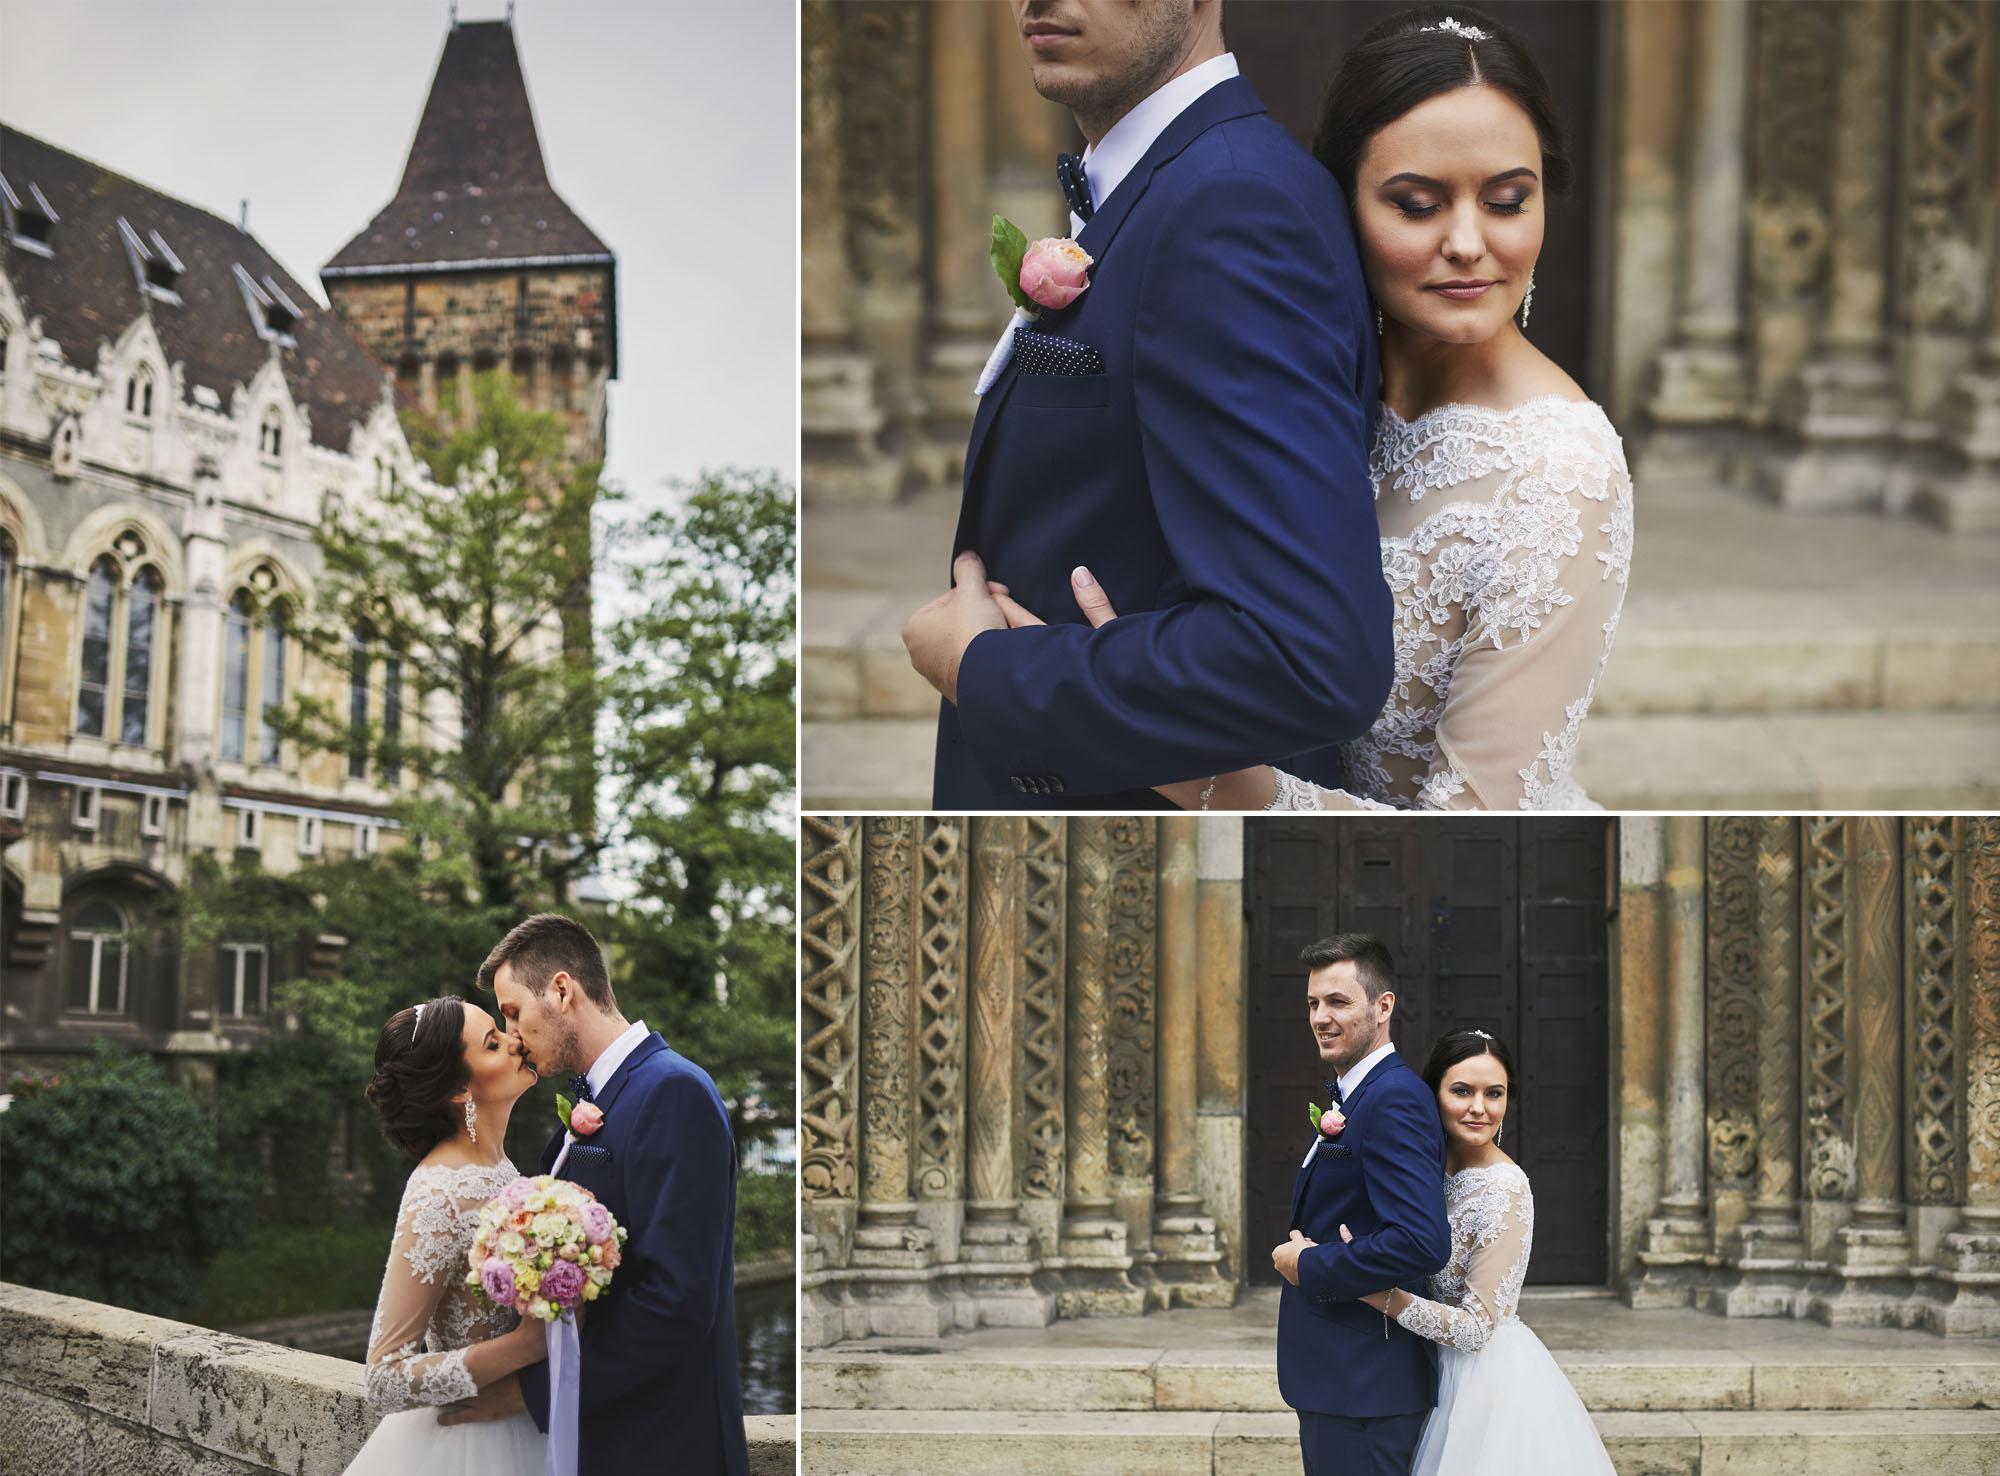 Esküvő fotózás Várnál